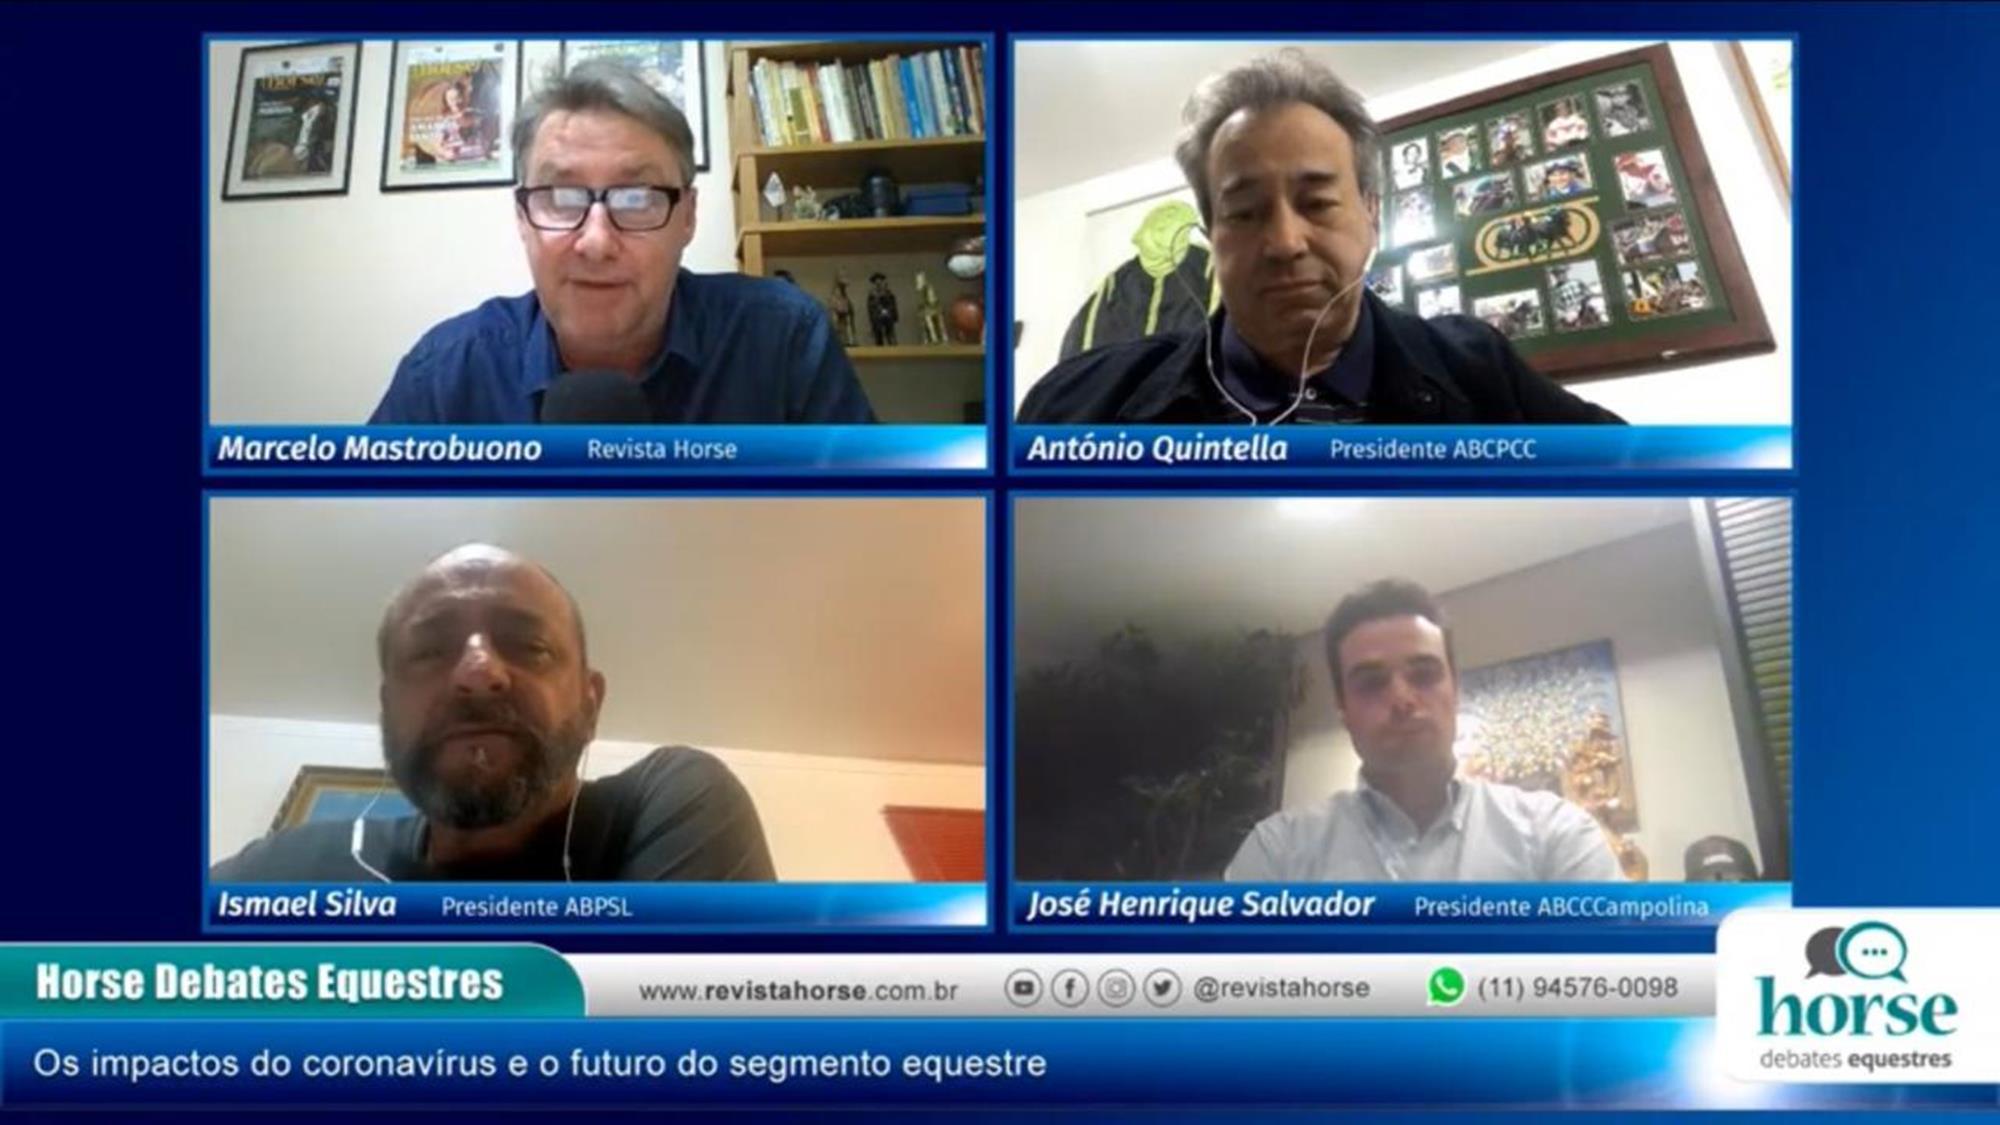 Marcelo Mastrobuono, editor da Horse, com Antonio Quintella, do PSI, Isamel Silva, do Lusitano, e José Henrique Salvador, do Campolina, Reprodução